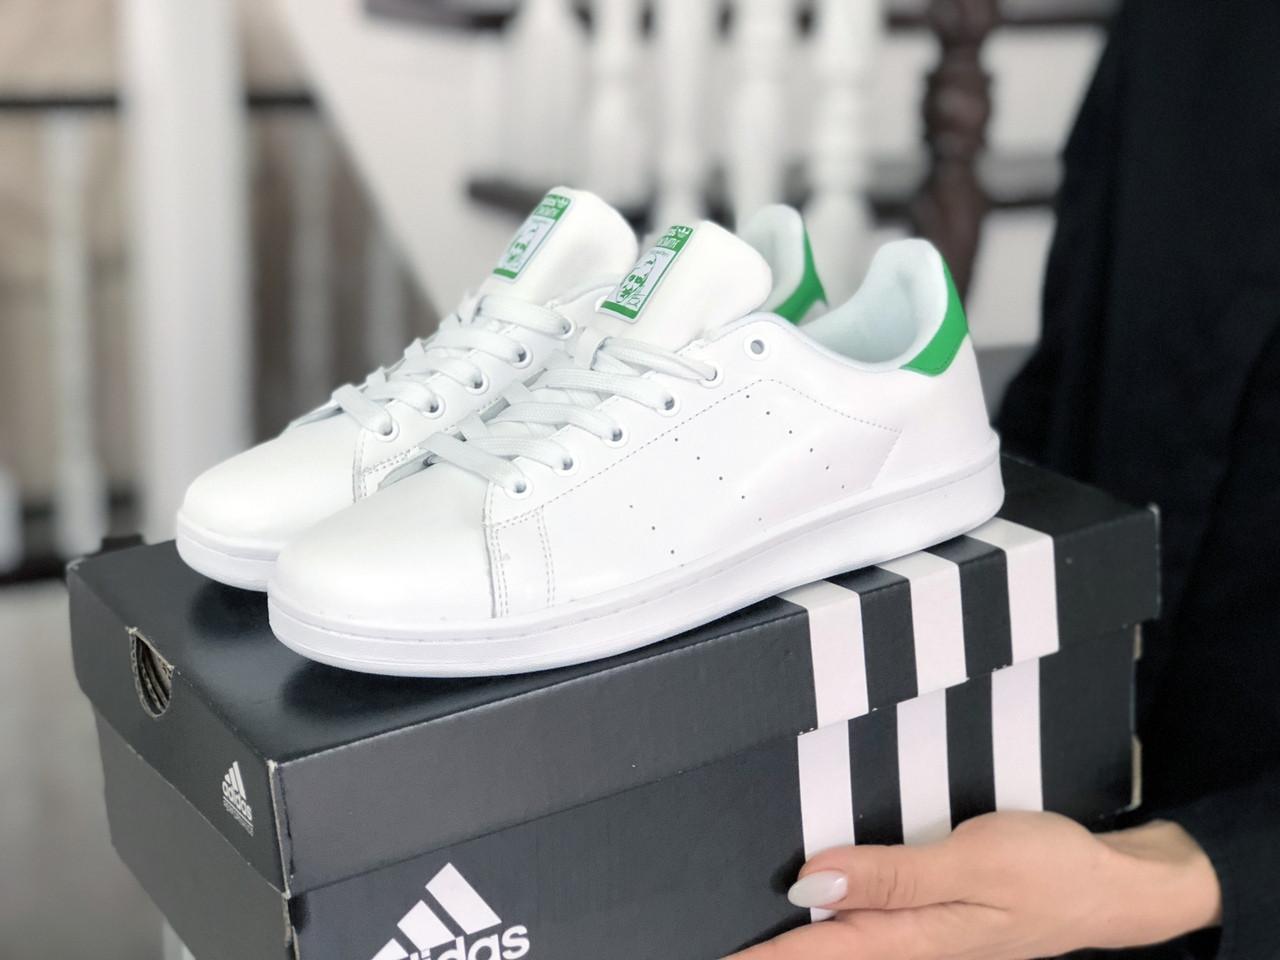 Кроссовки (в стиле) женские,подростковые Adidas Stan Smith,белые с зеленым